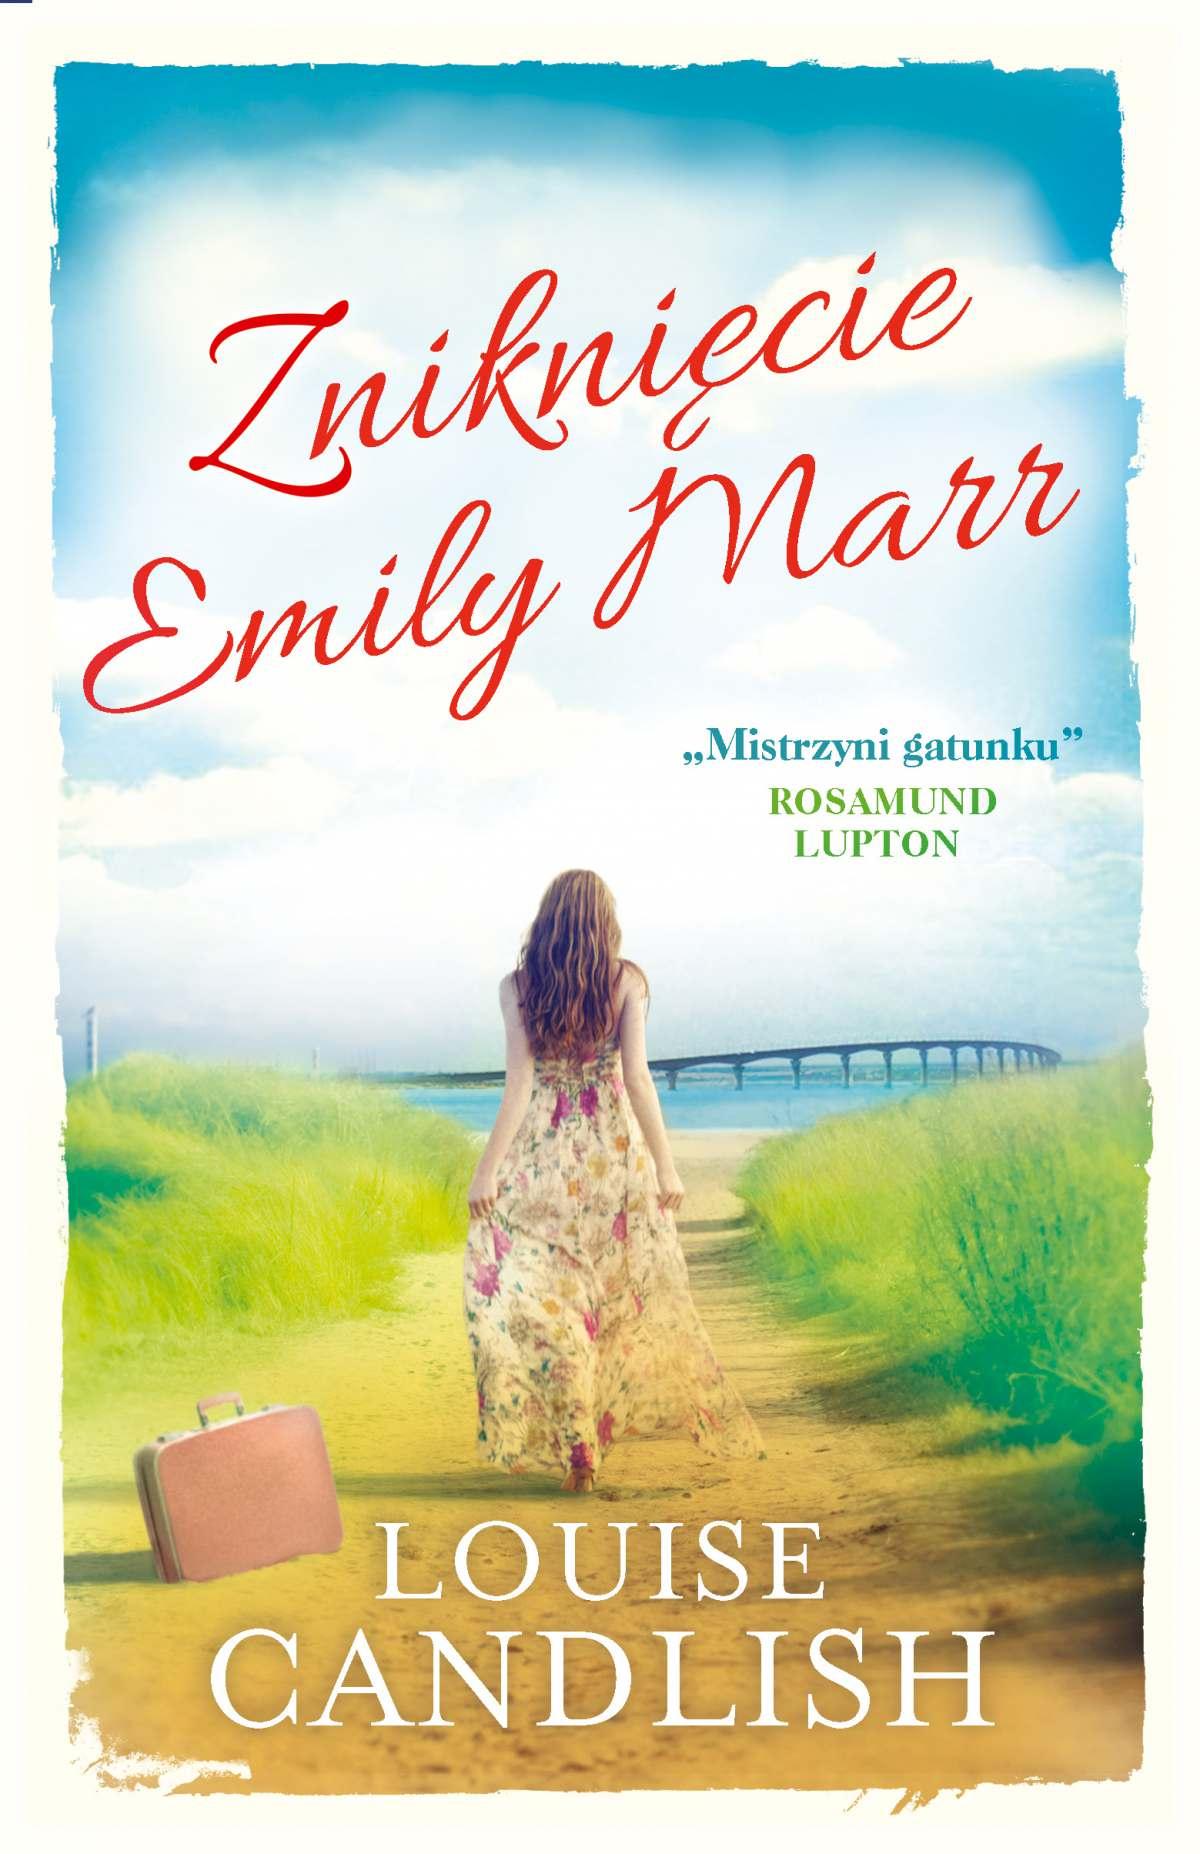 Zniknięcie Emily Marr - Ebook (Książka na Kindle) do pobrania w formacie MOBI